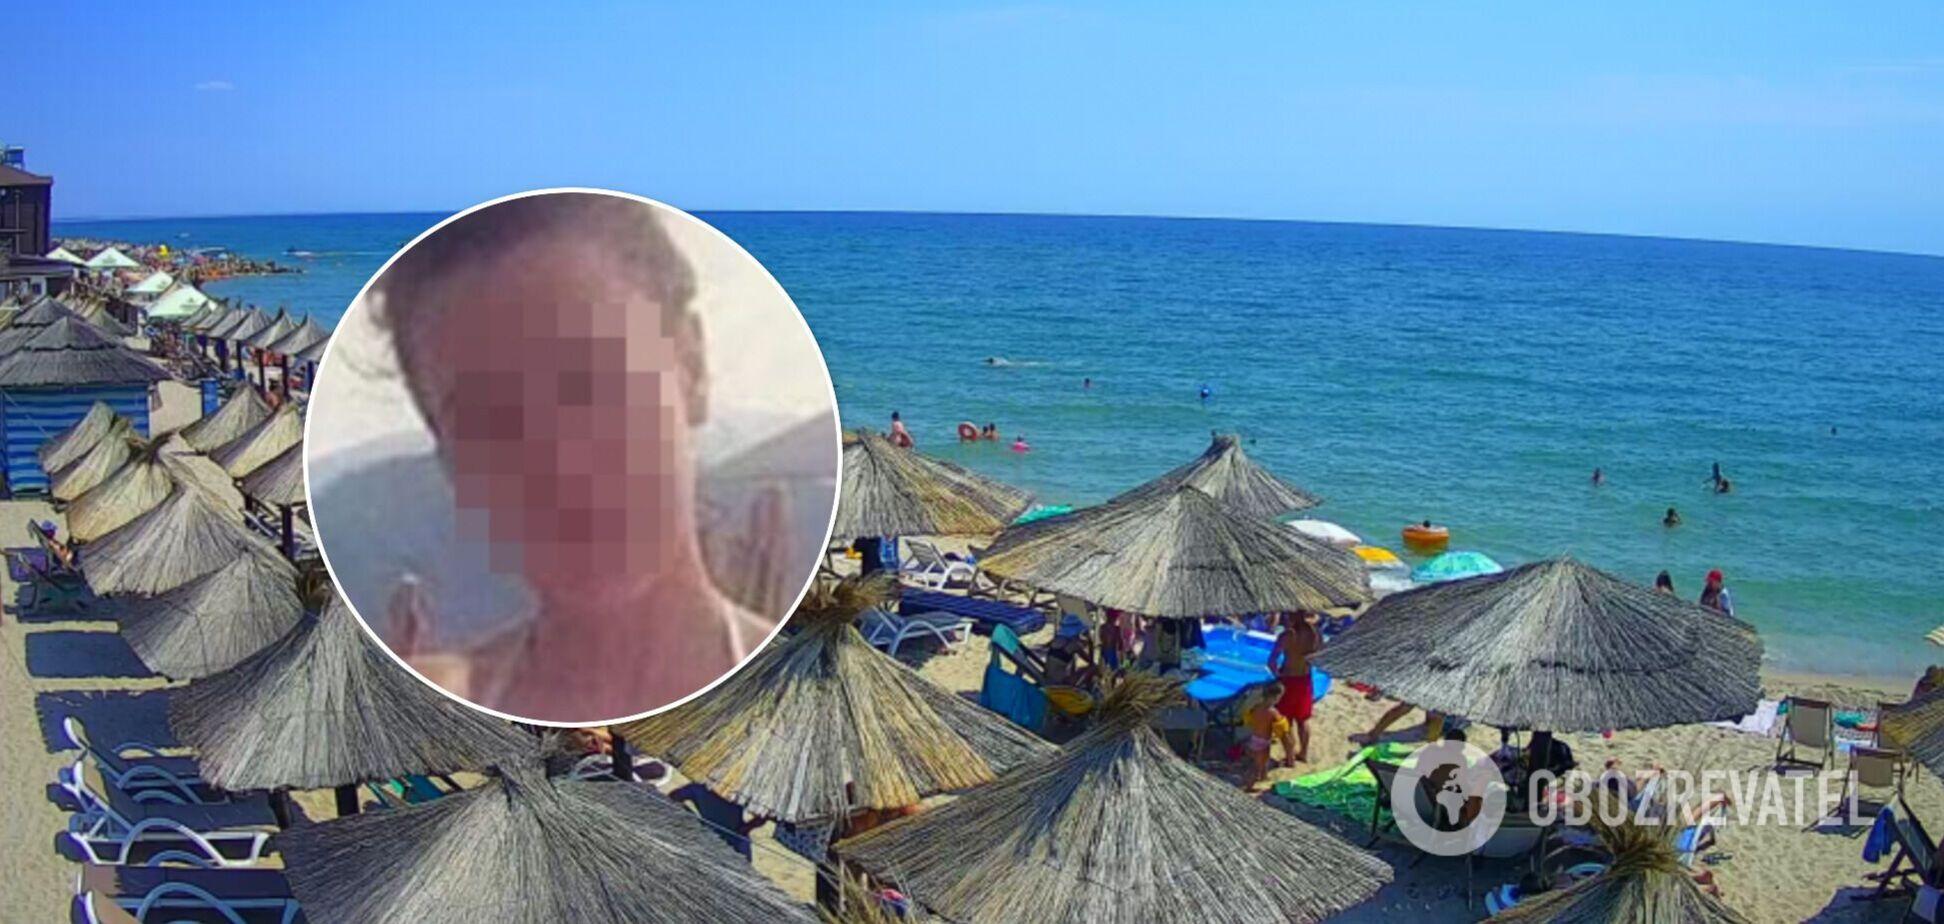 Женщина рассмешила пользователей сети неудачным кадром на пляже. Фото